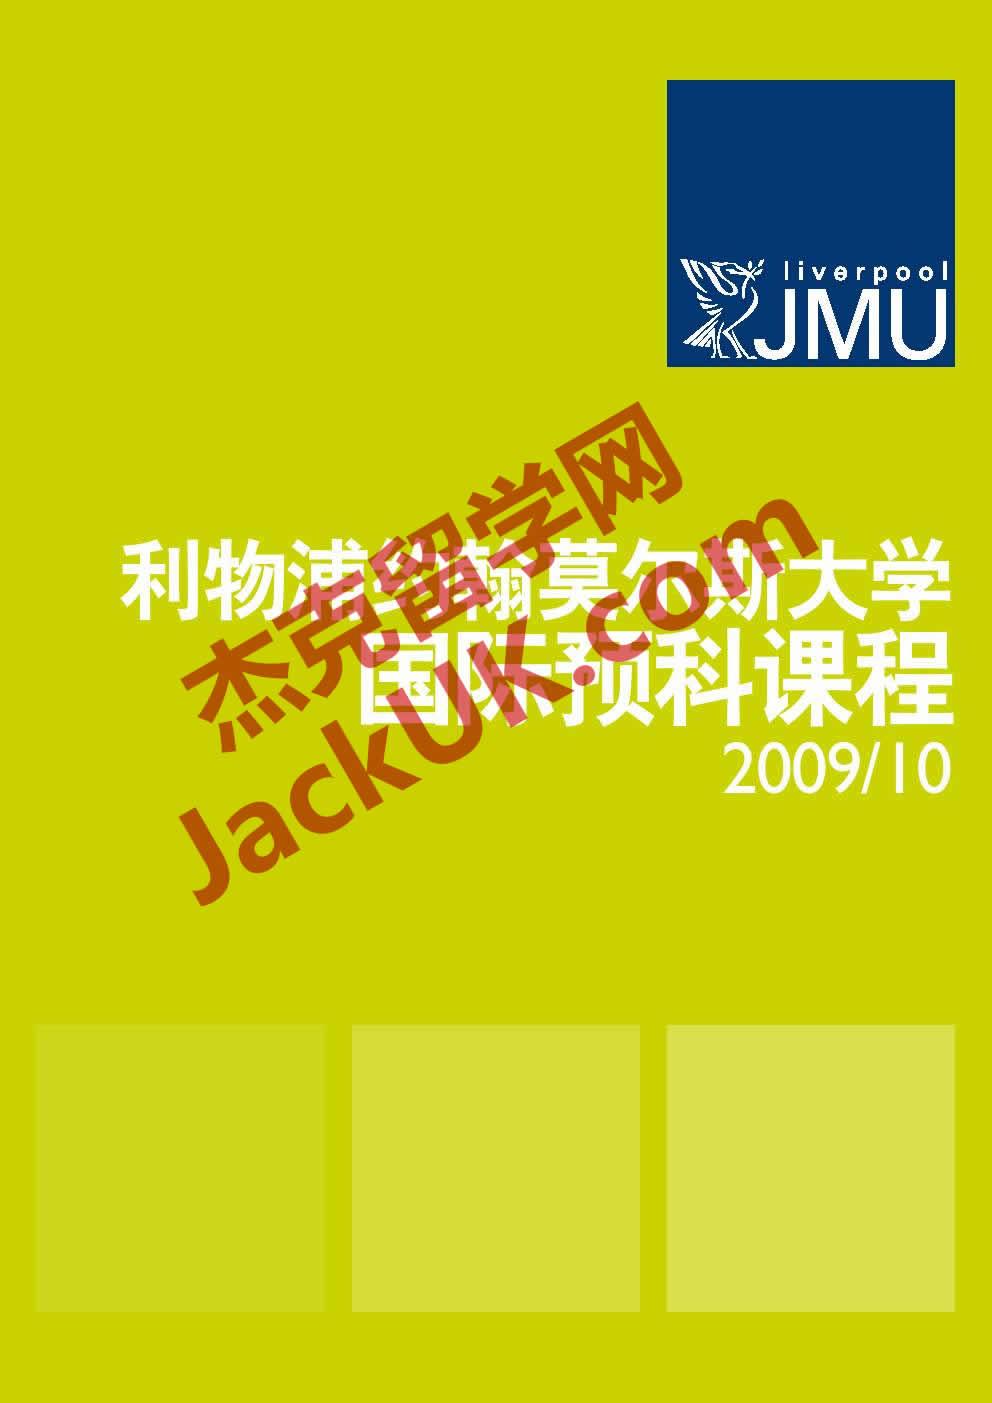 利物浦约翰莫尔斯大学 (Liverpool JMU) - 第1页